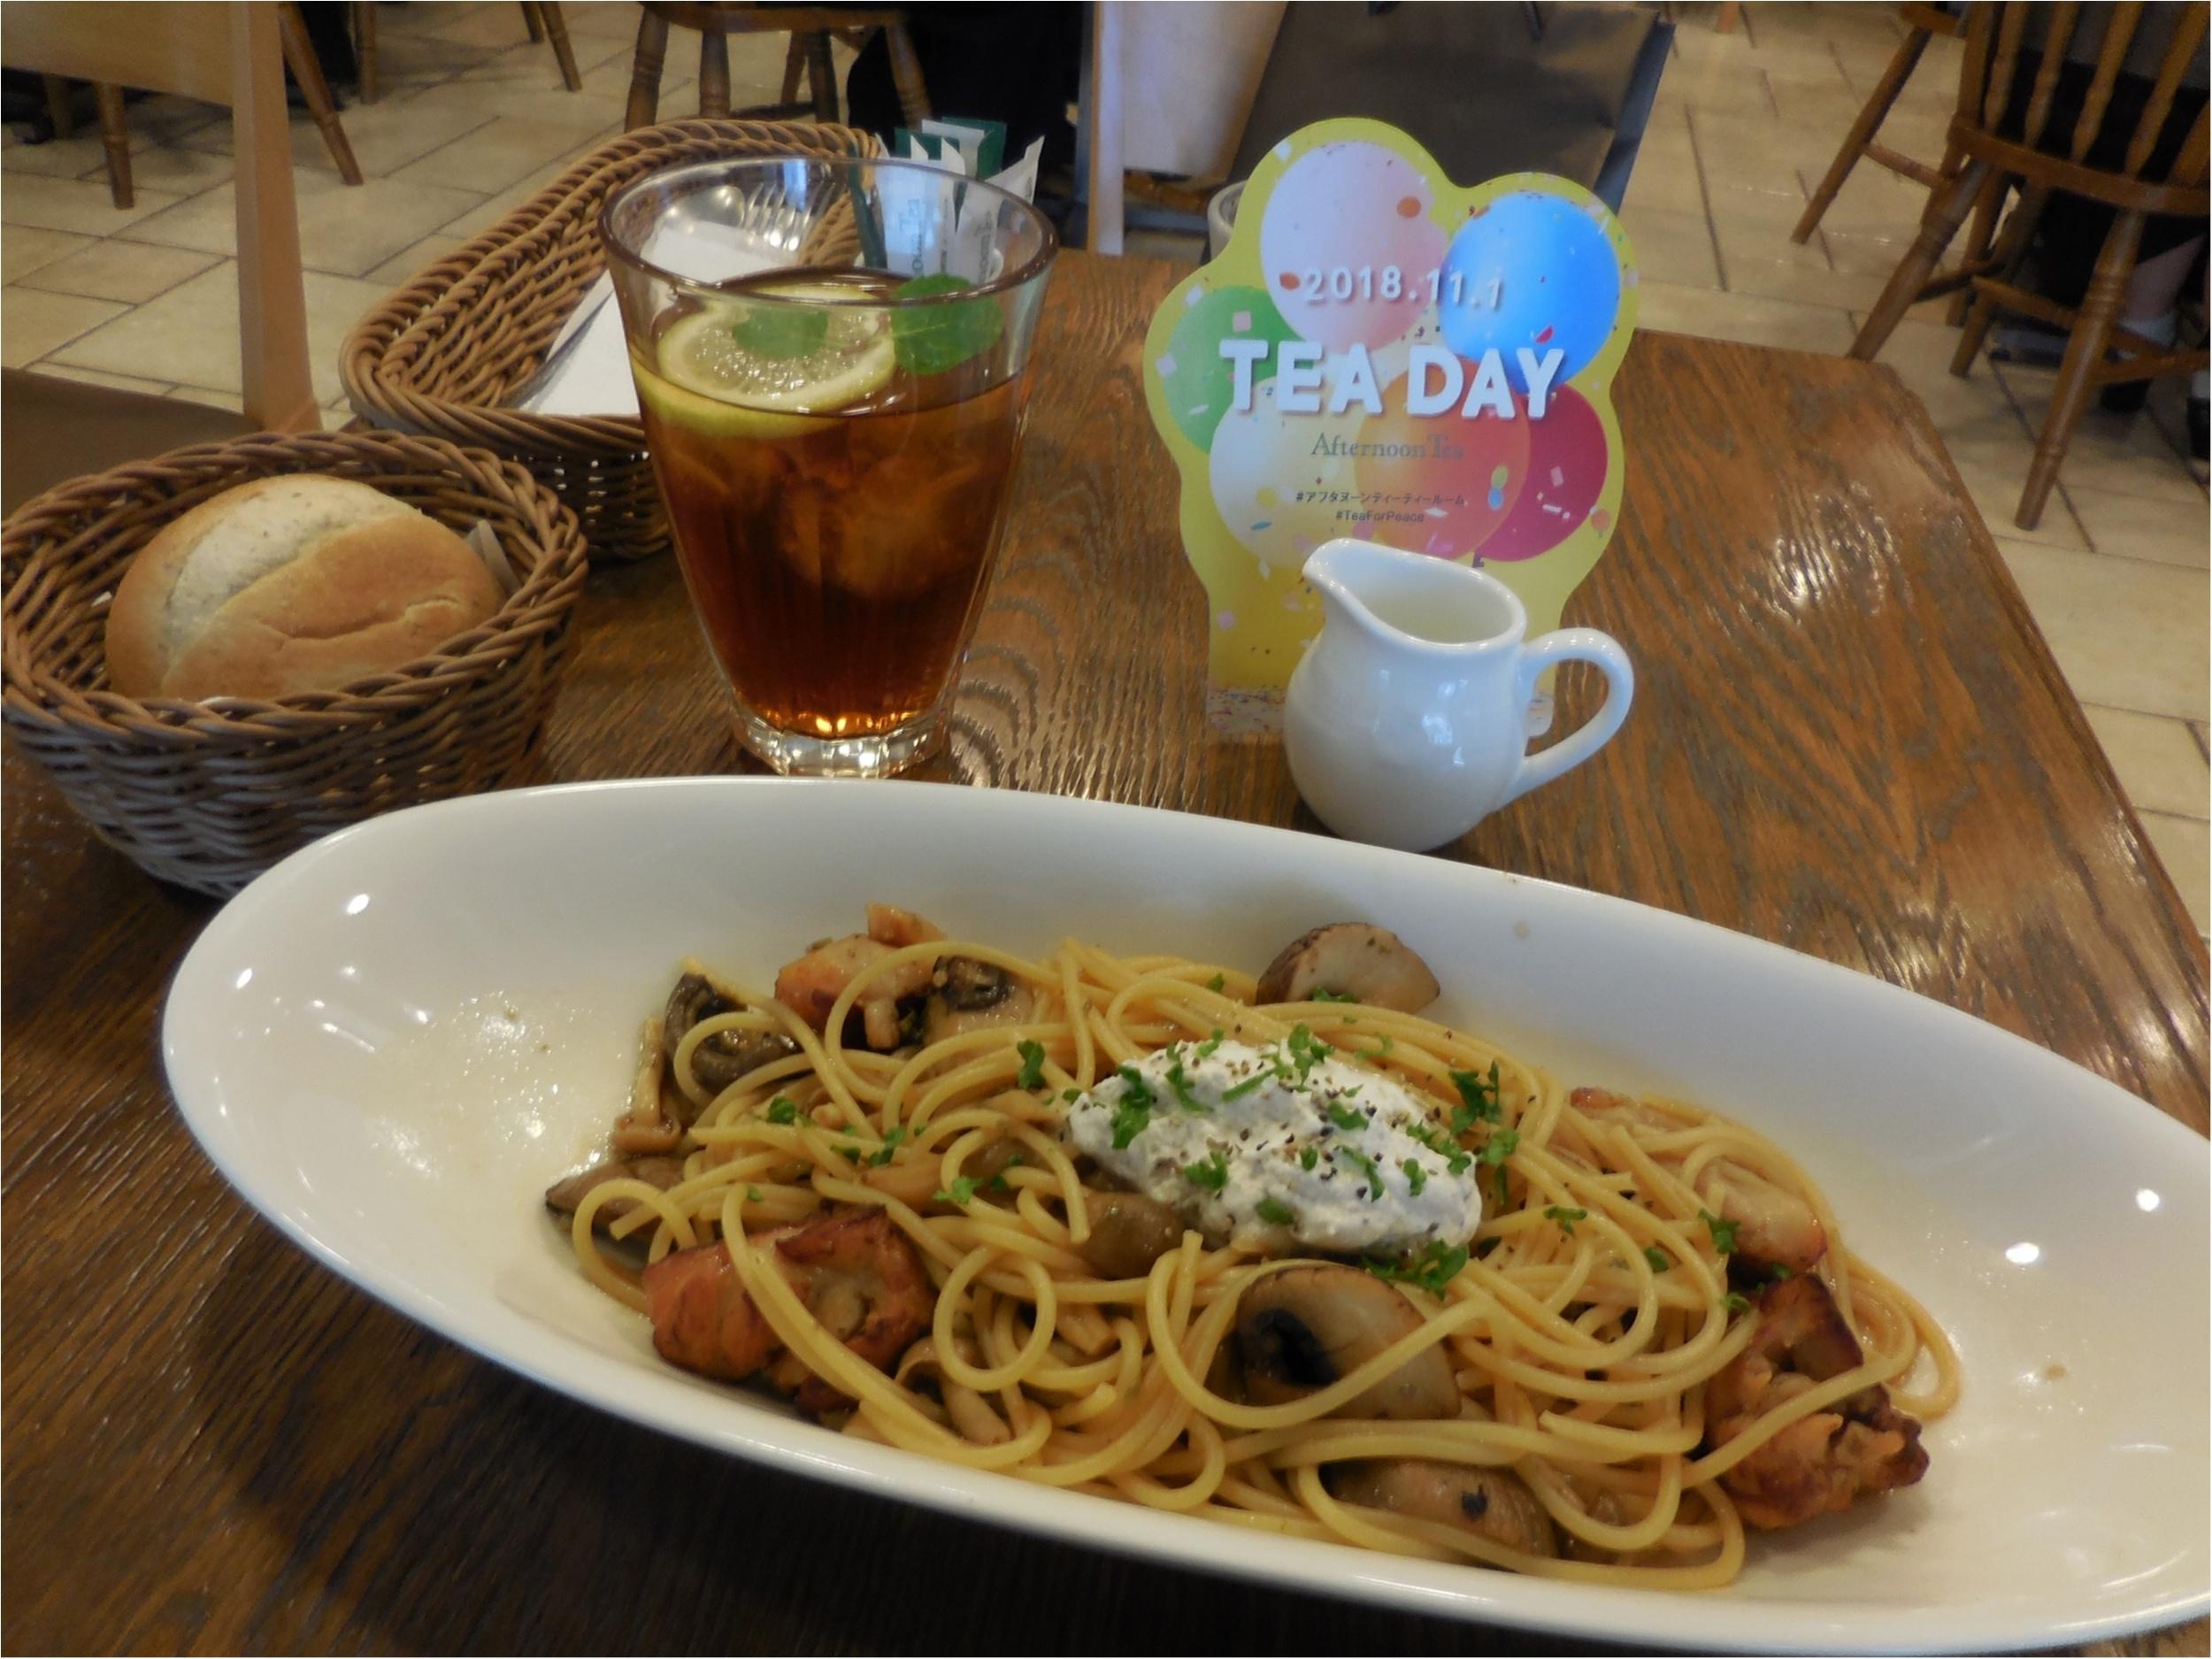 【アフタヌーンティー・ティールーム TEA DAY】11月1日は紅茶の日で店内すべての紅茶が111円でした_2